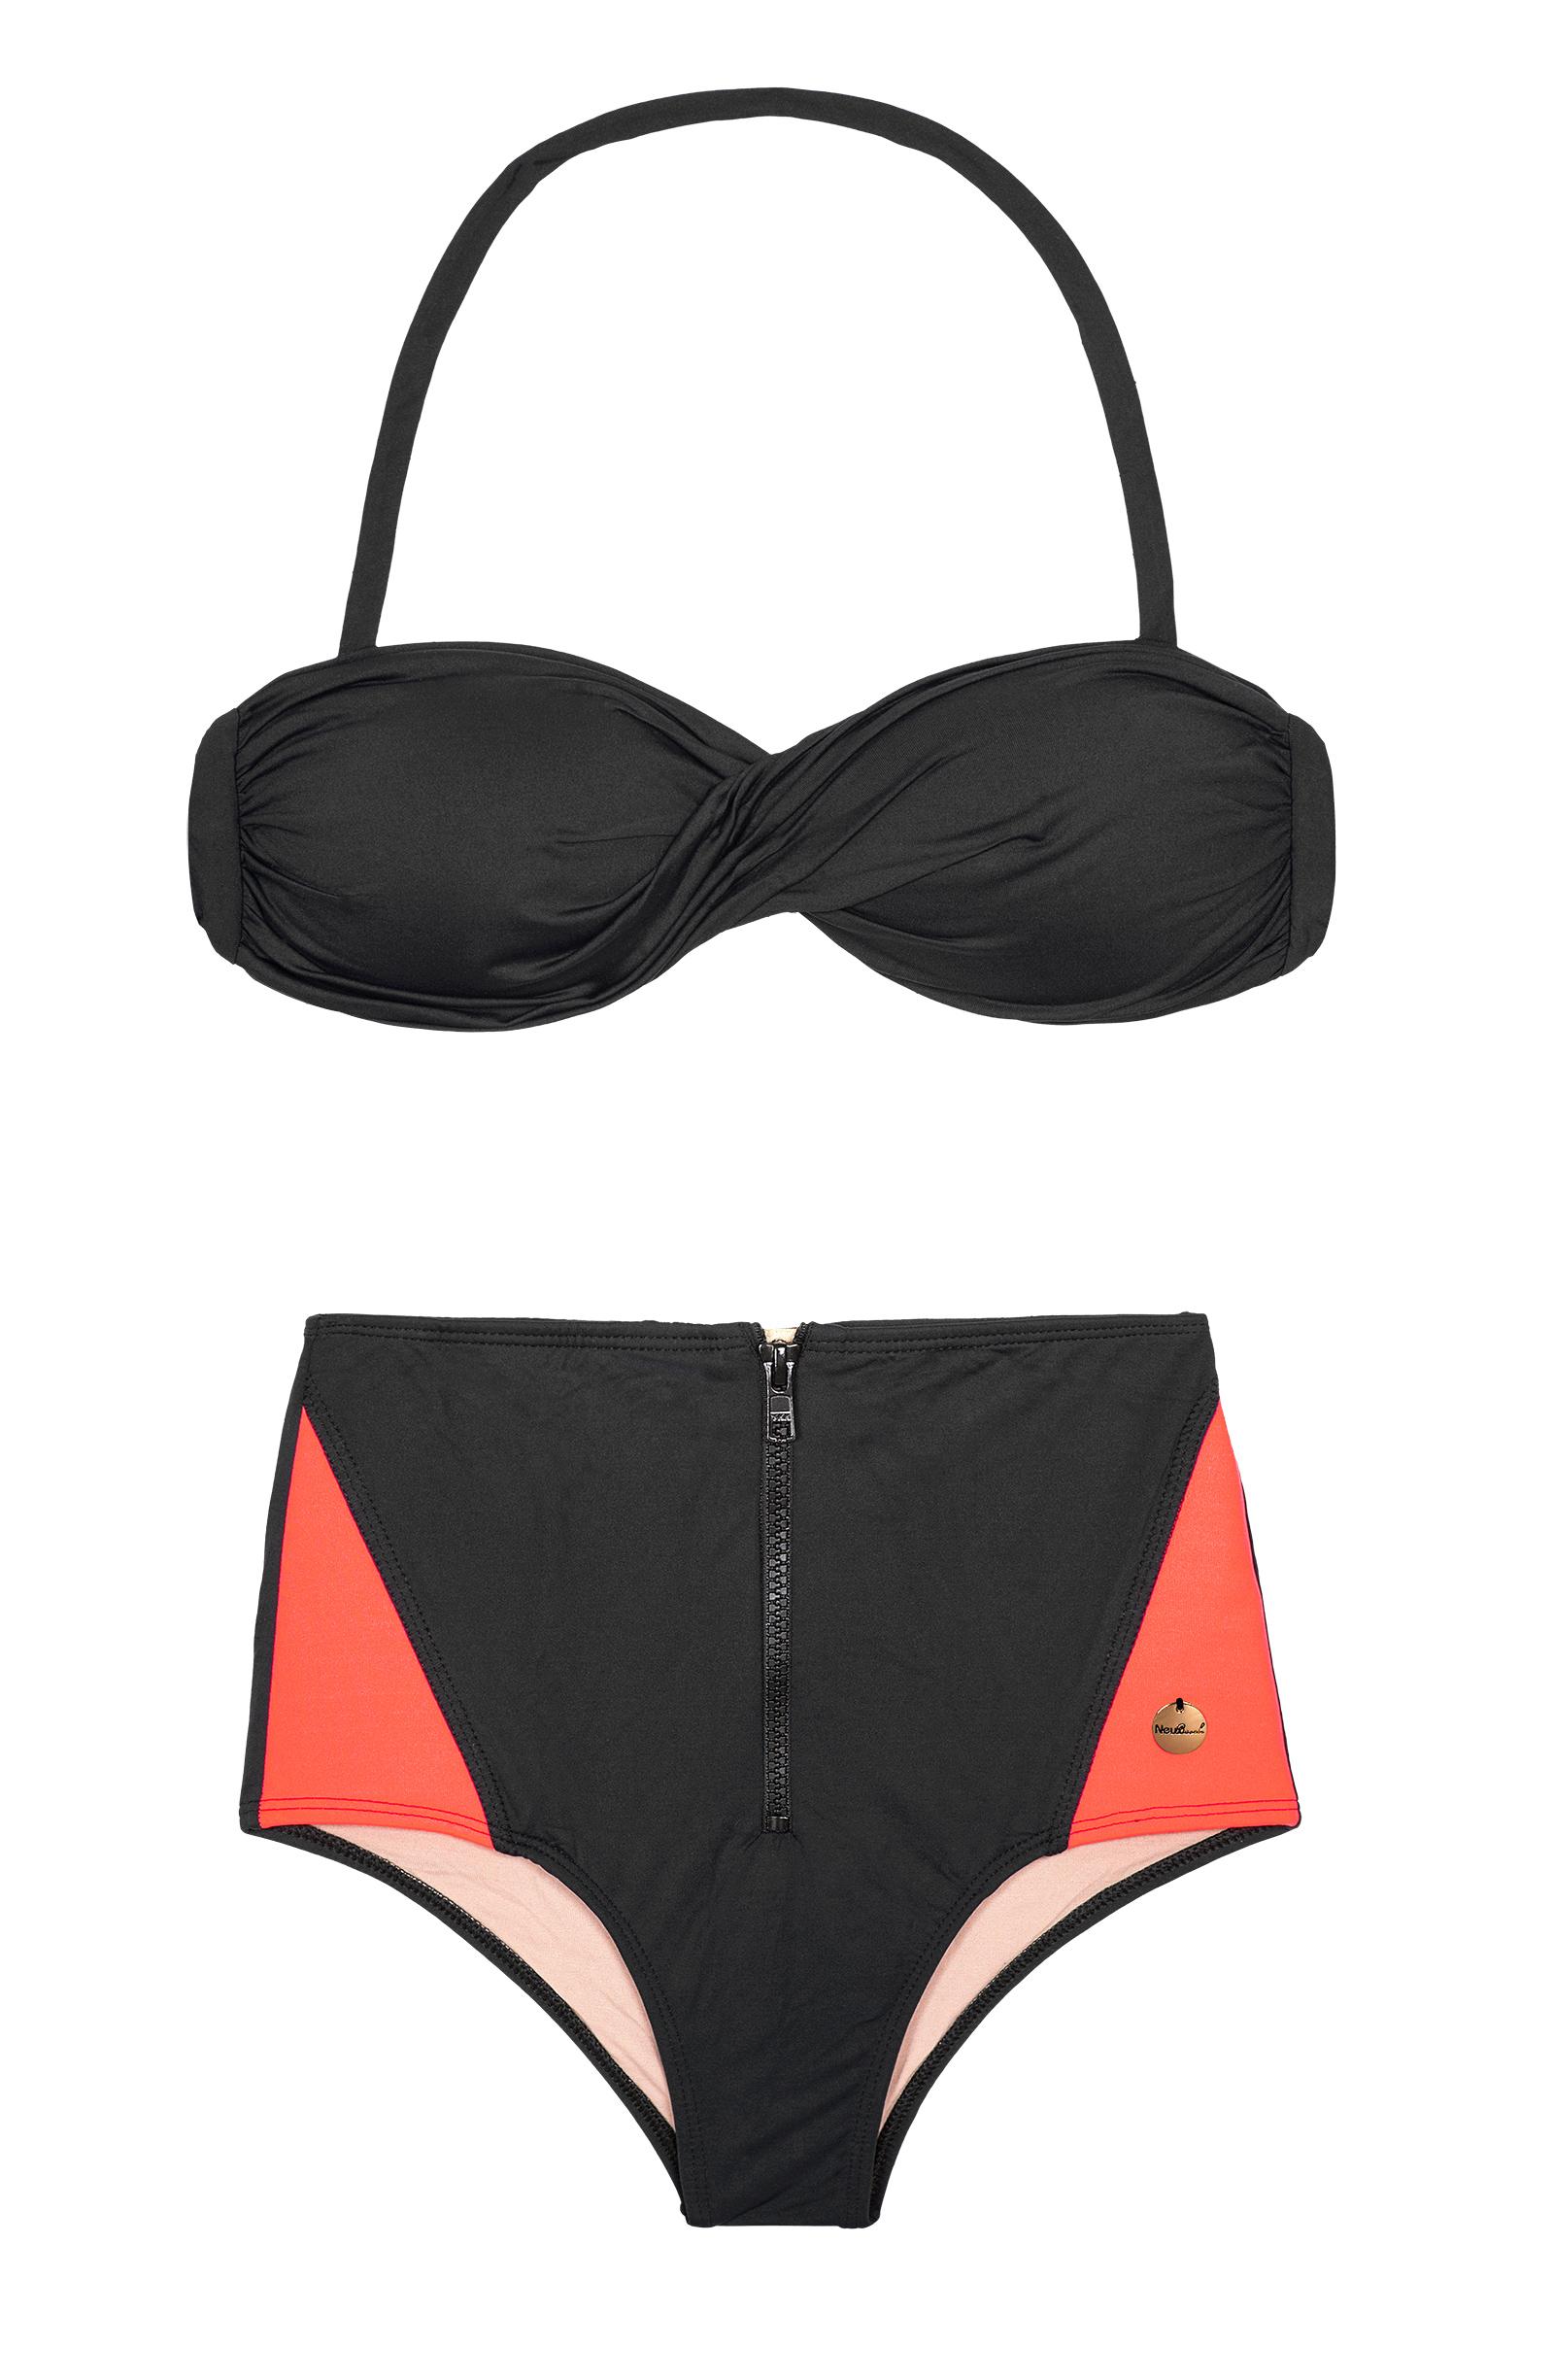 9735780cc4ee Bikini Bandeau Y Braguita Estilo Hot Pants En Tono Negro Y Coral  Fluorescente - Fit Ziper